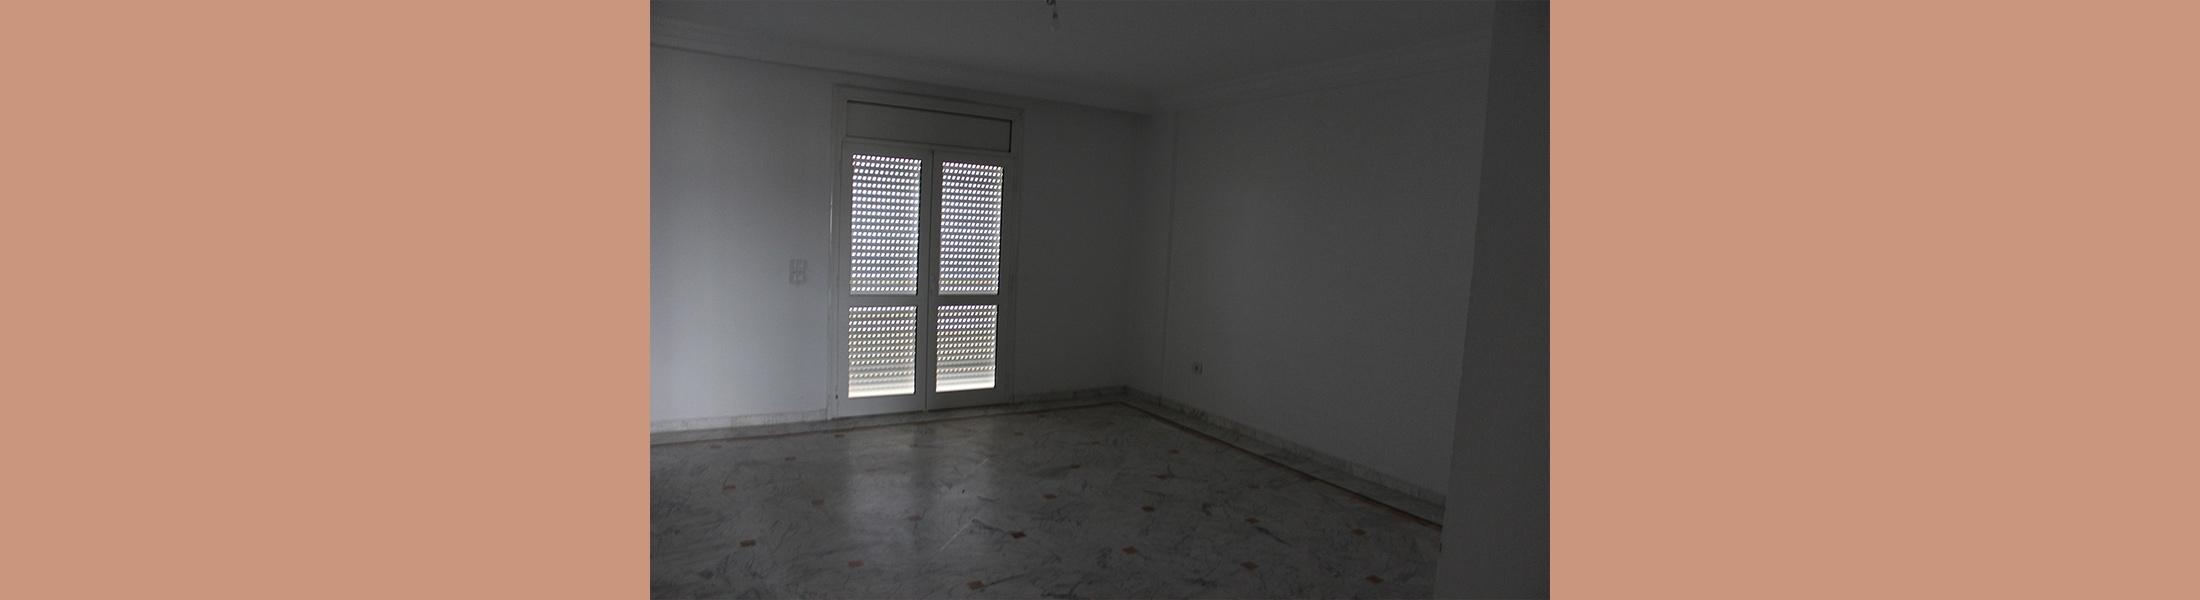 الشقة سيتي سنتر 4